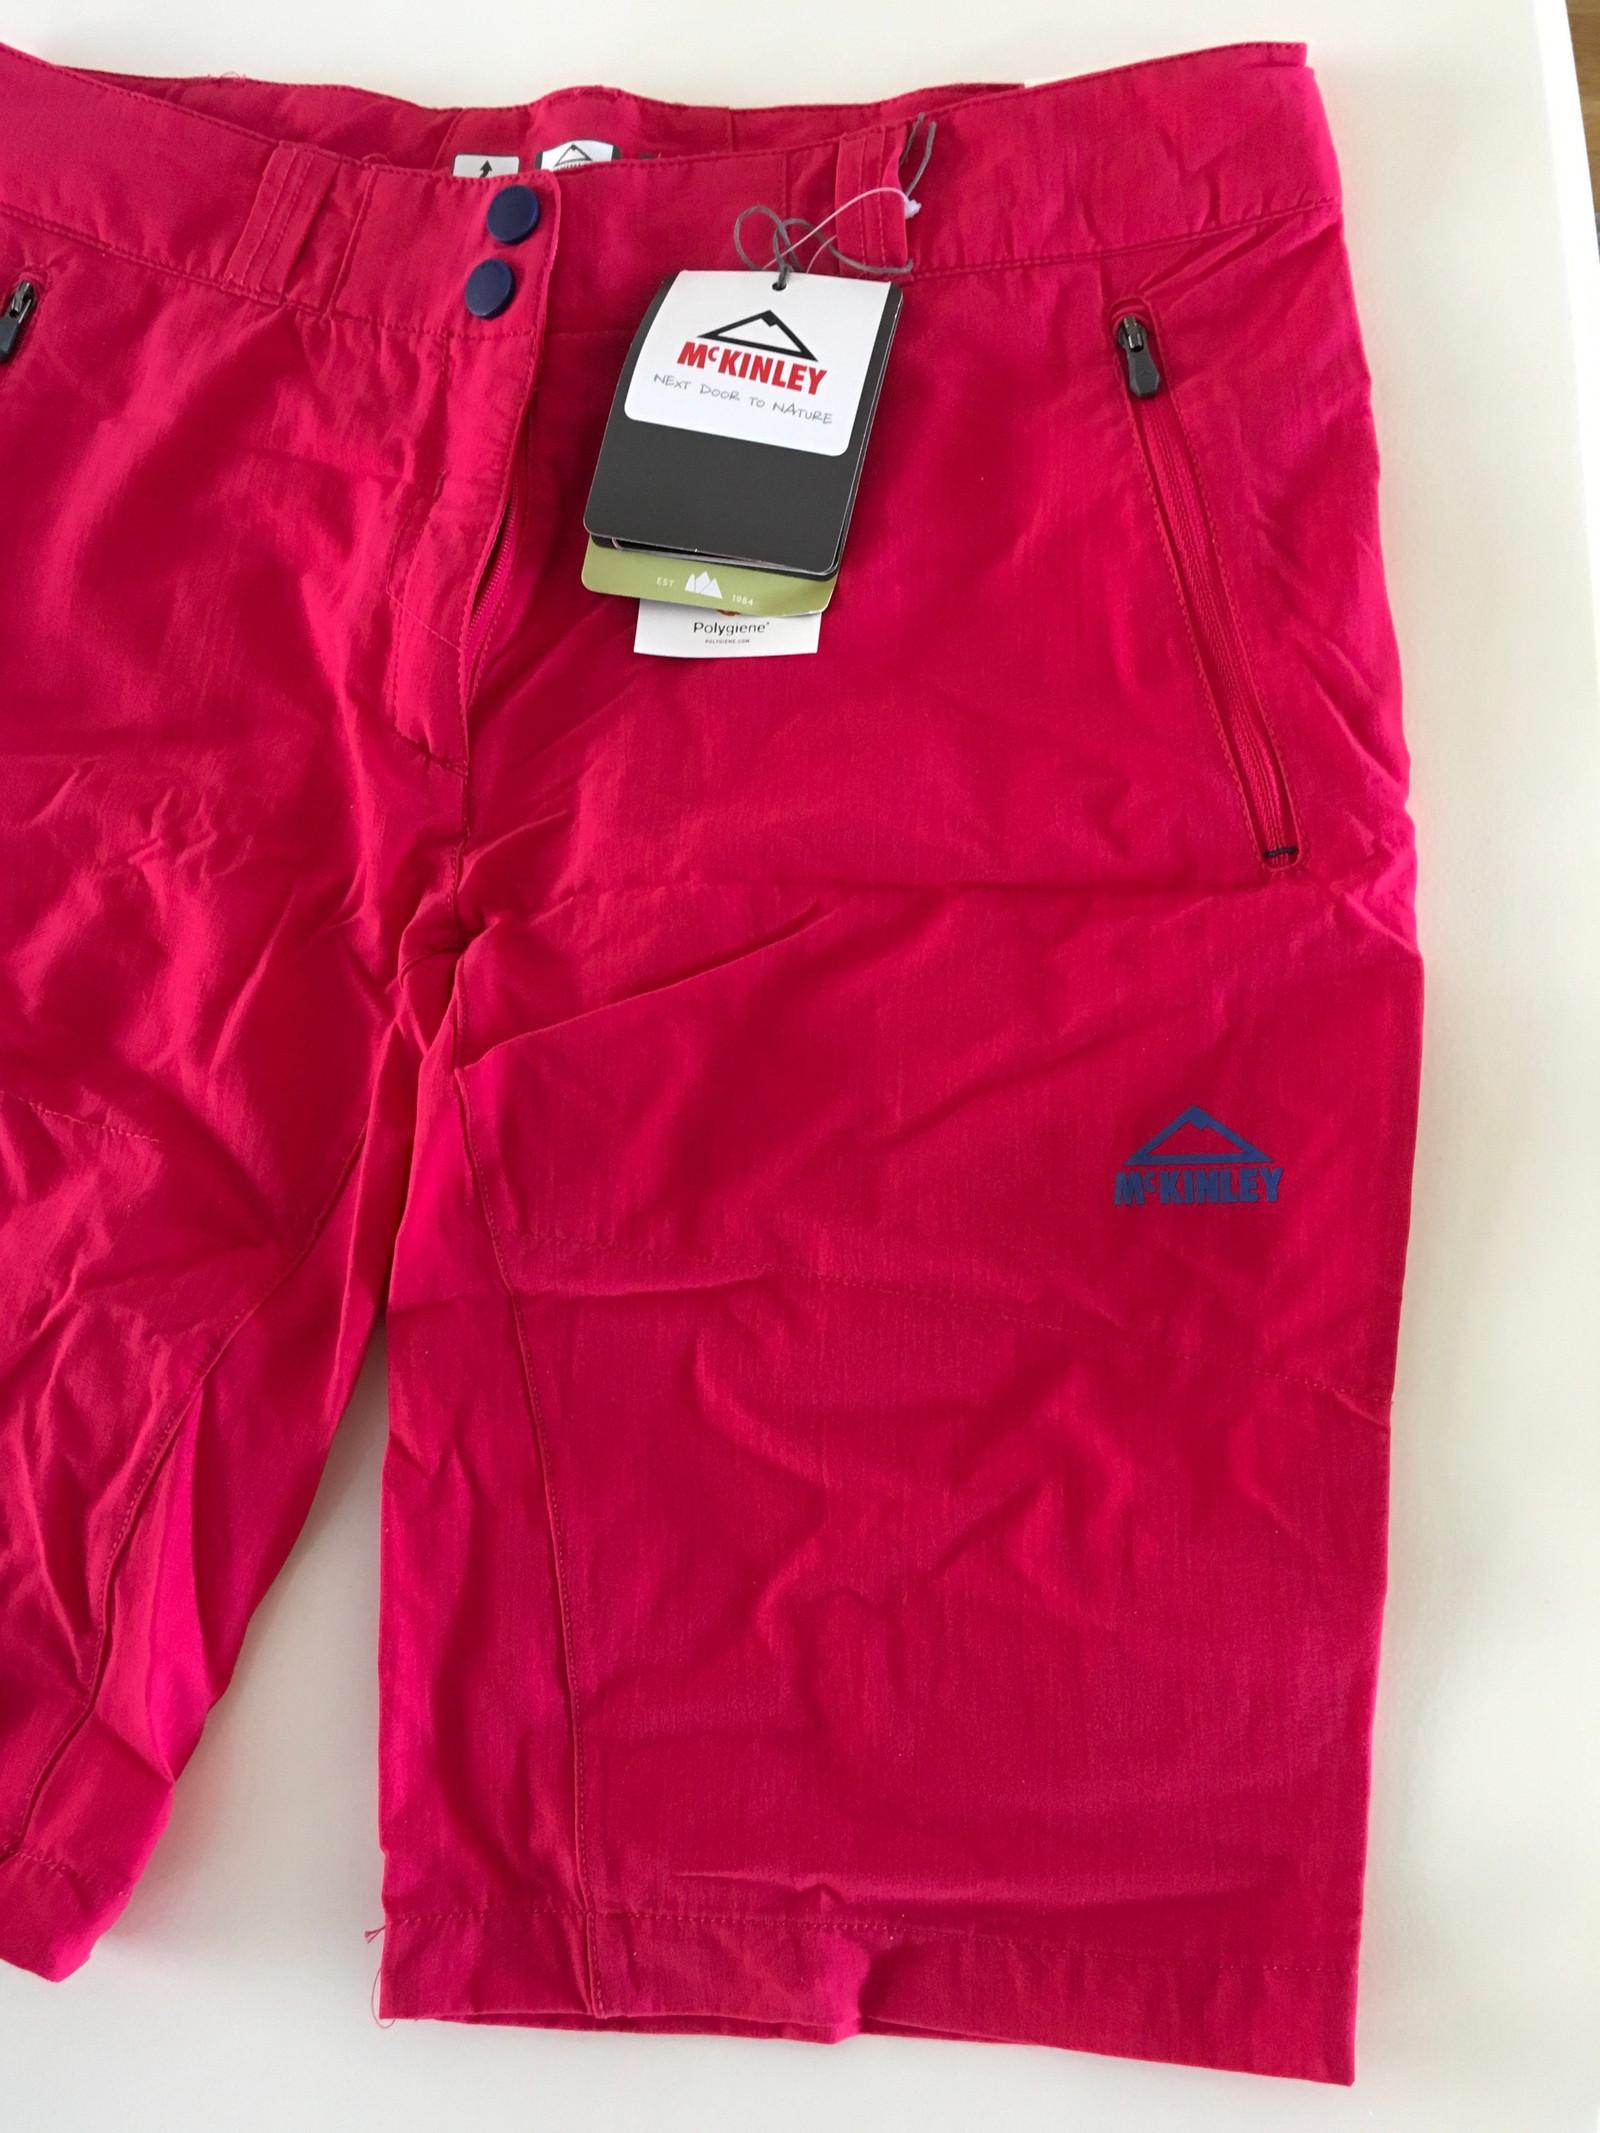 fc825c0aaf83 Shorts til dame fra McKINLEY